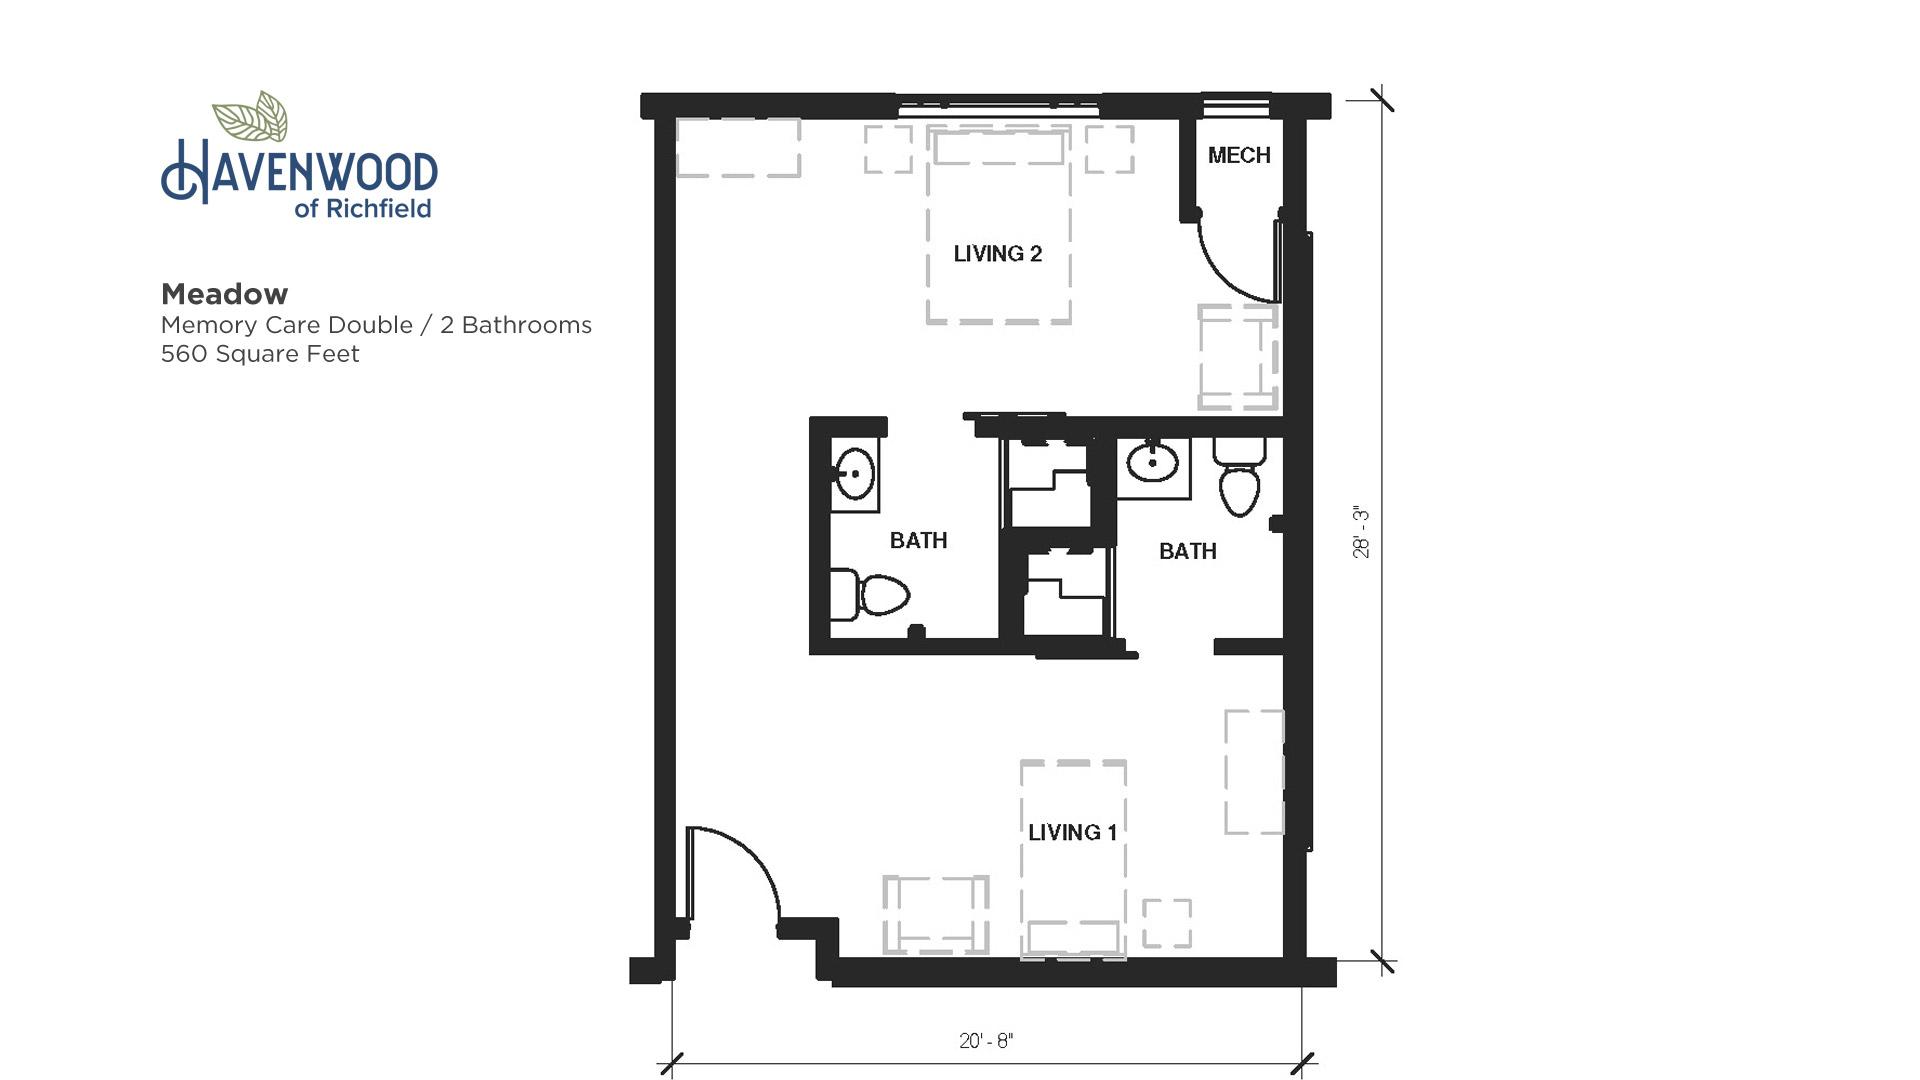 Havenwood of Richfield Meadow Floor Plan